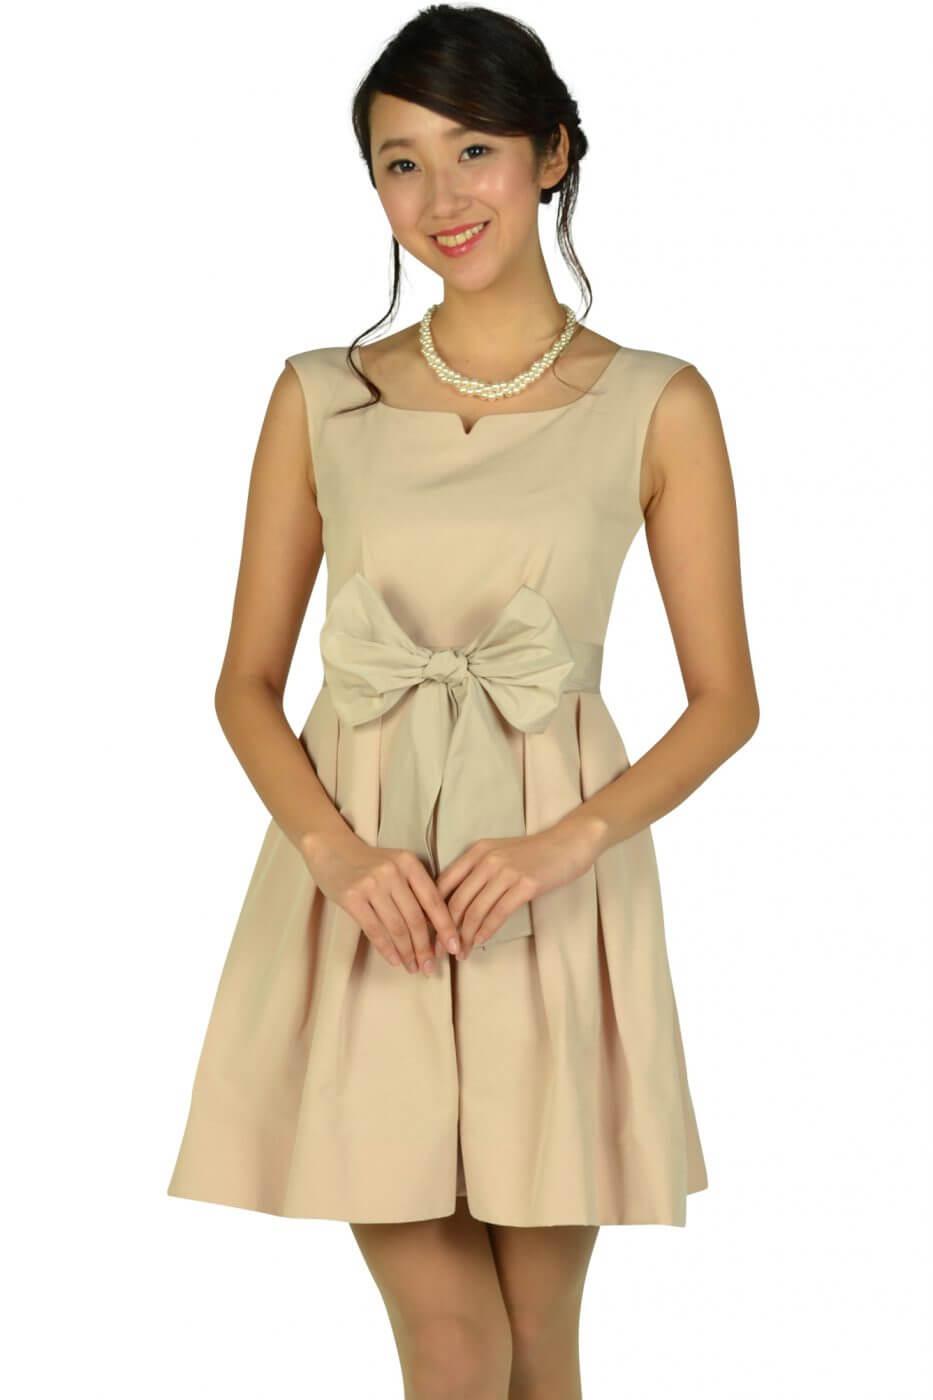 ジルスチュアート(JILLSTUART)ハートシェイプドネックピンクドレス